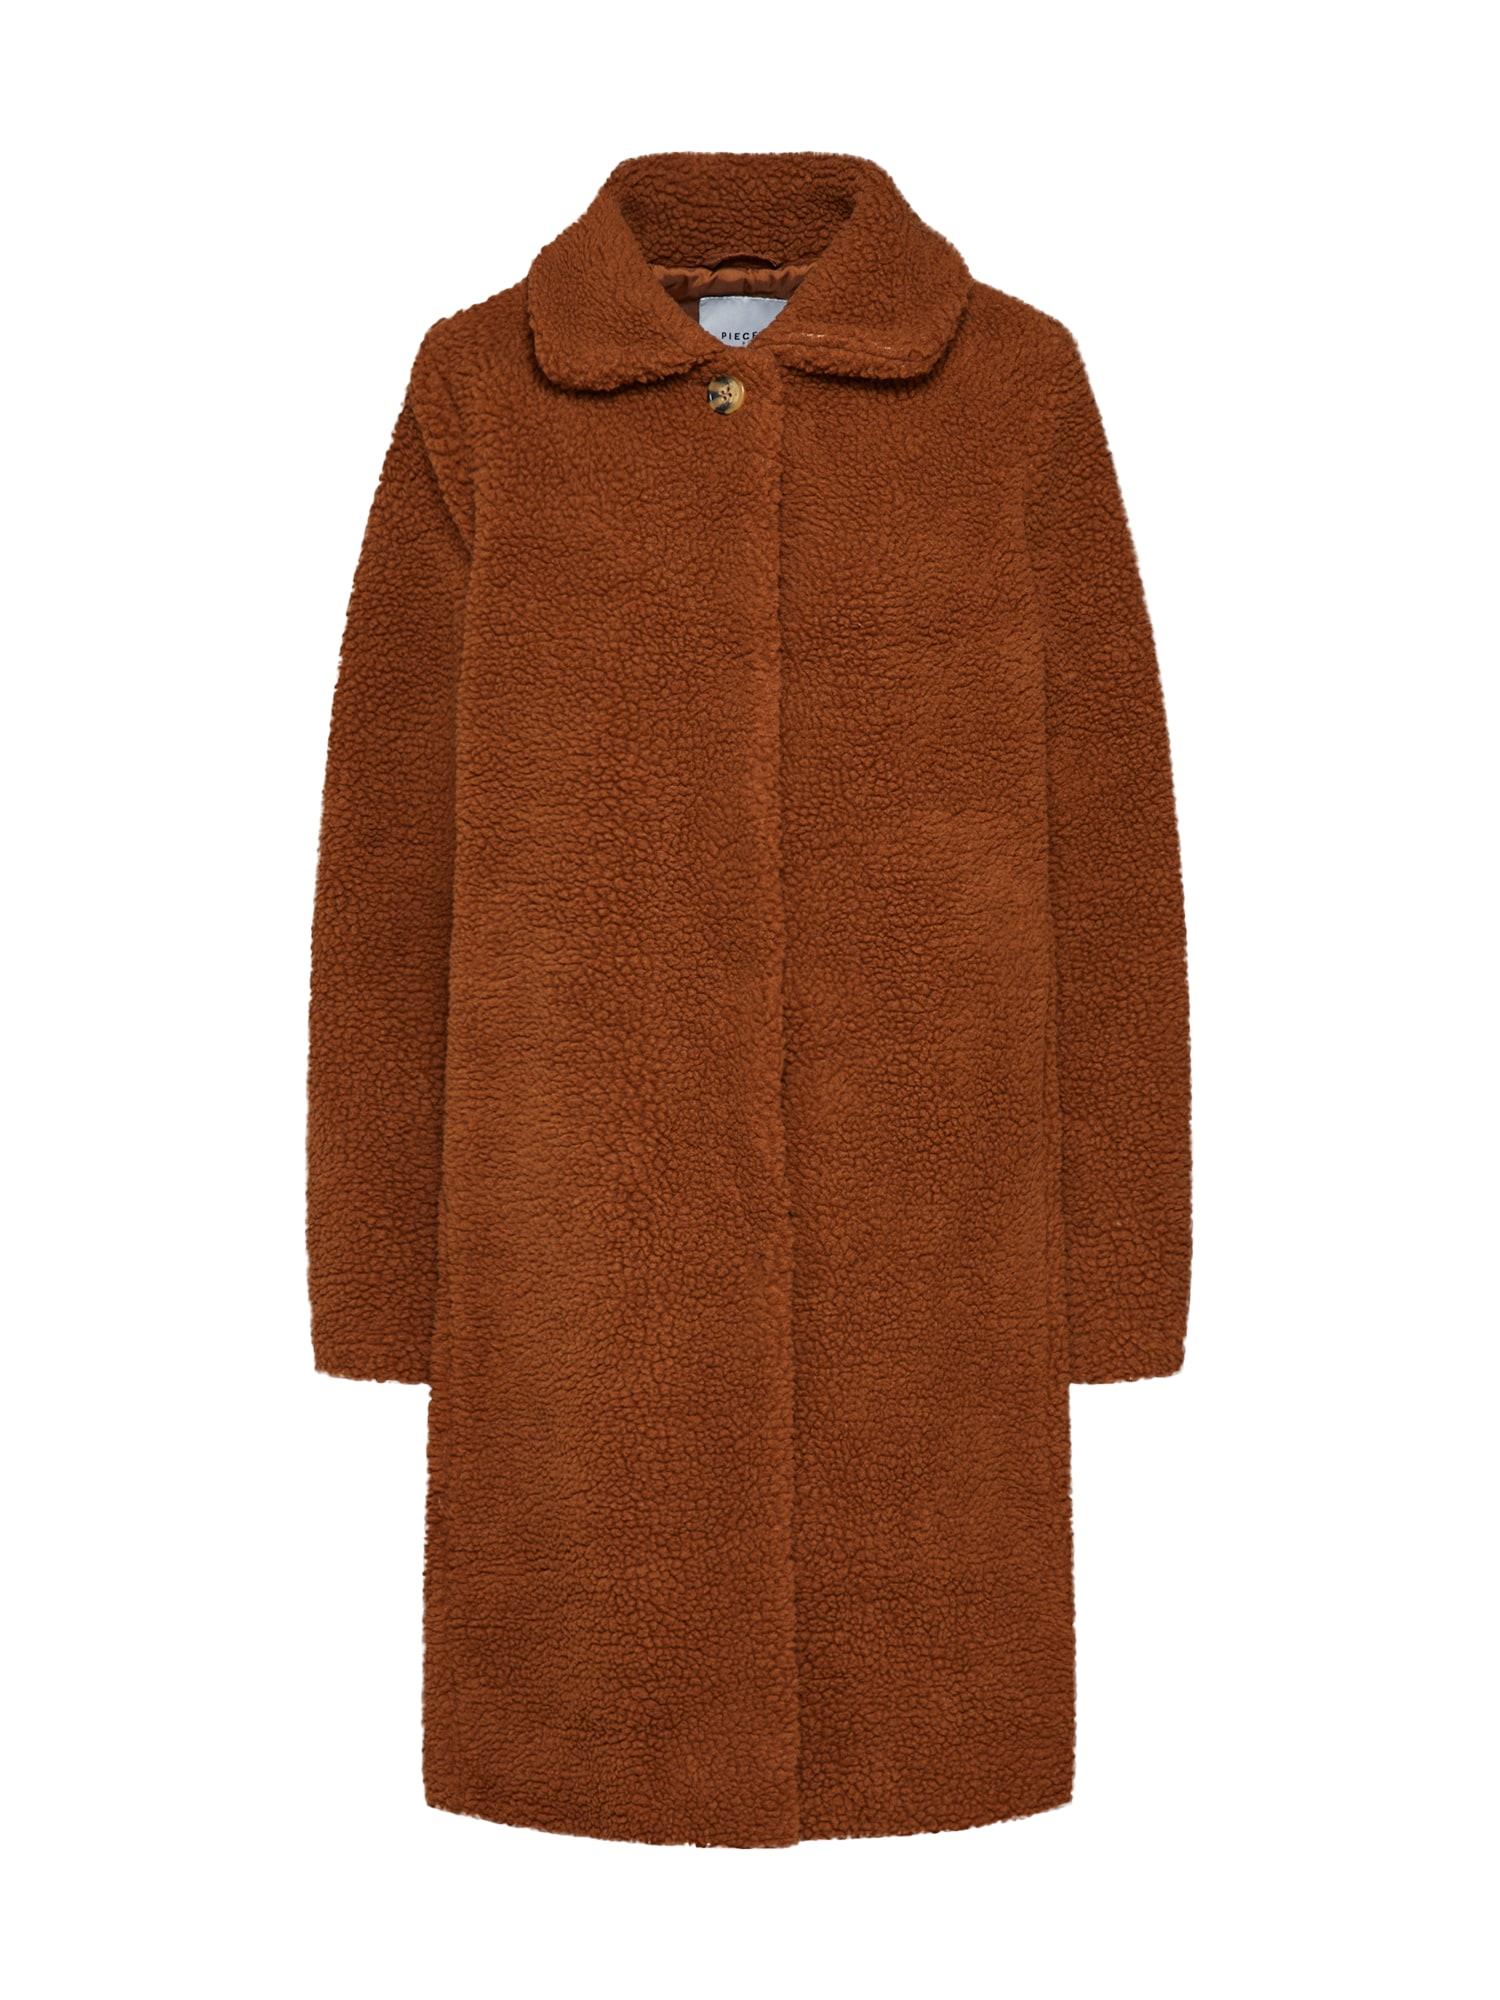 Přechodný kabát CHENNY rezavě hnědá PIECES